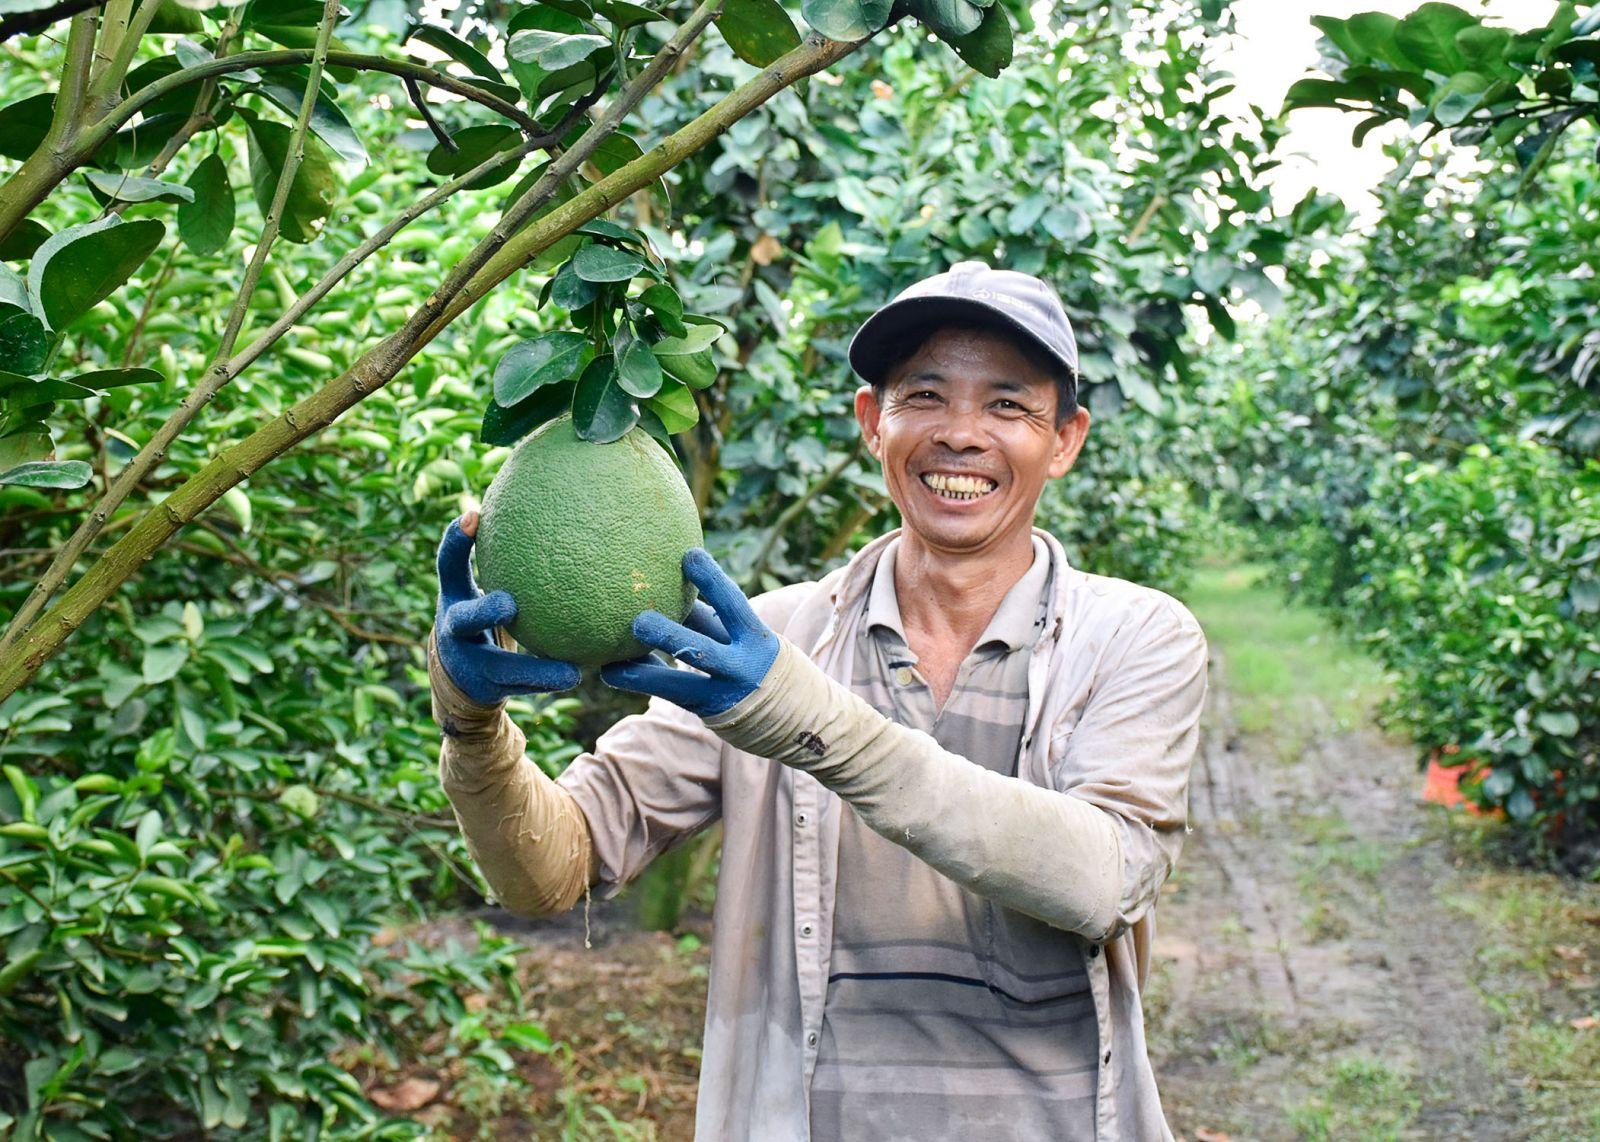 Nông dân phấn khởi vì chuyển đổi cây trồng mang lại hiệu quả kinh tế cao